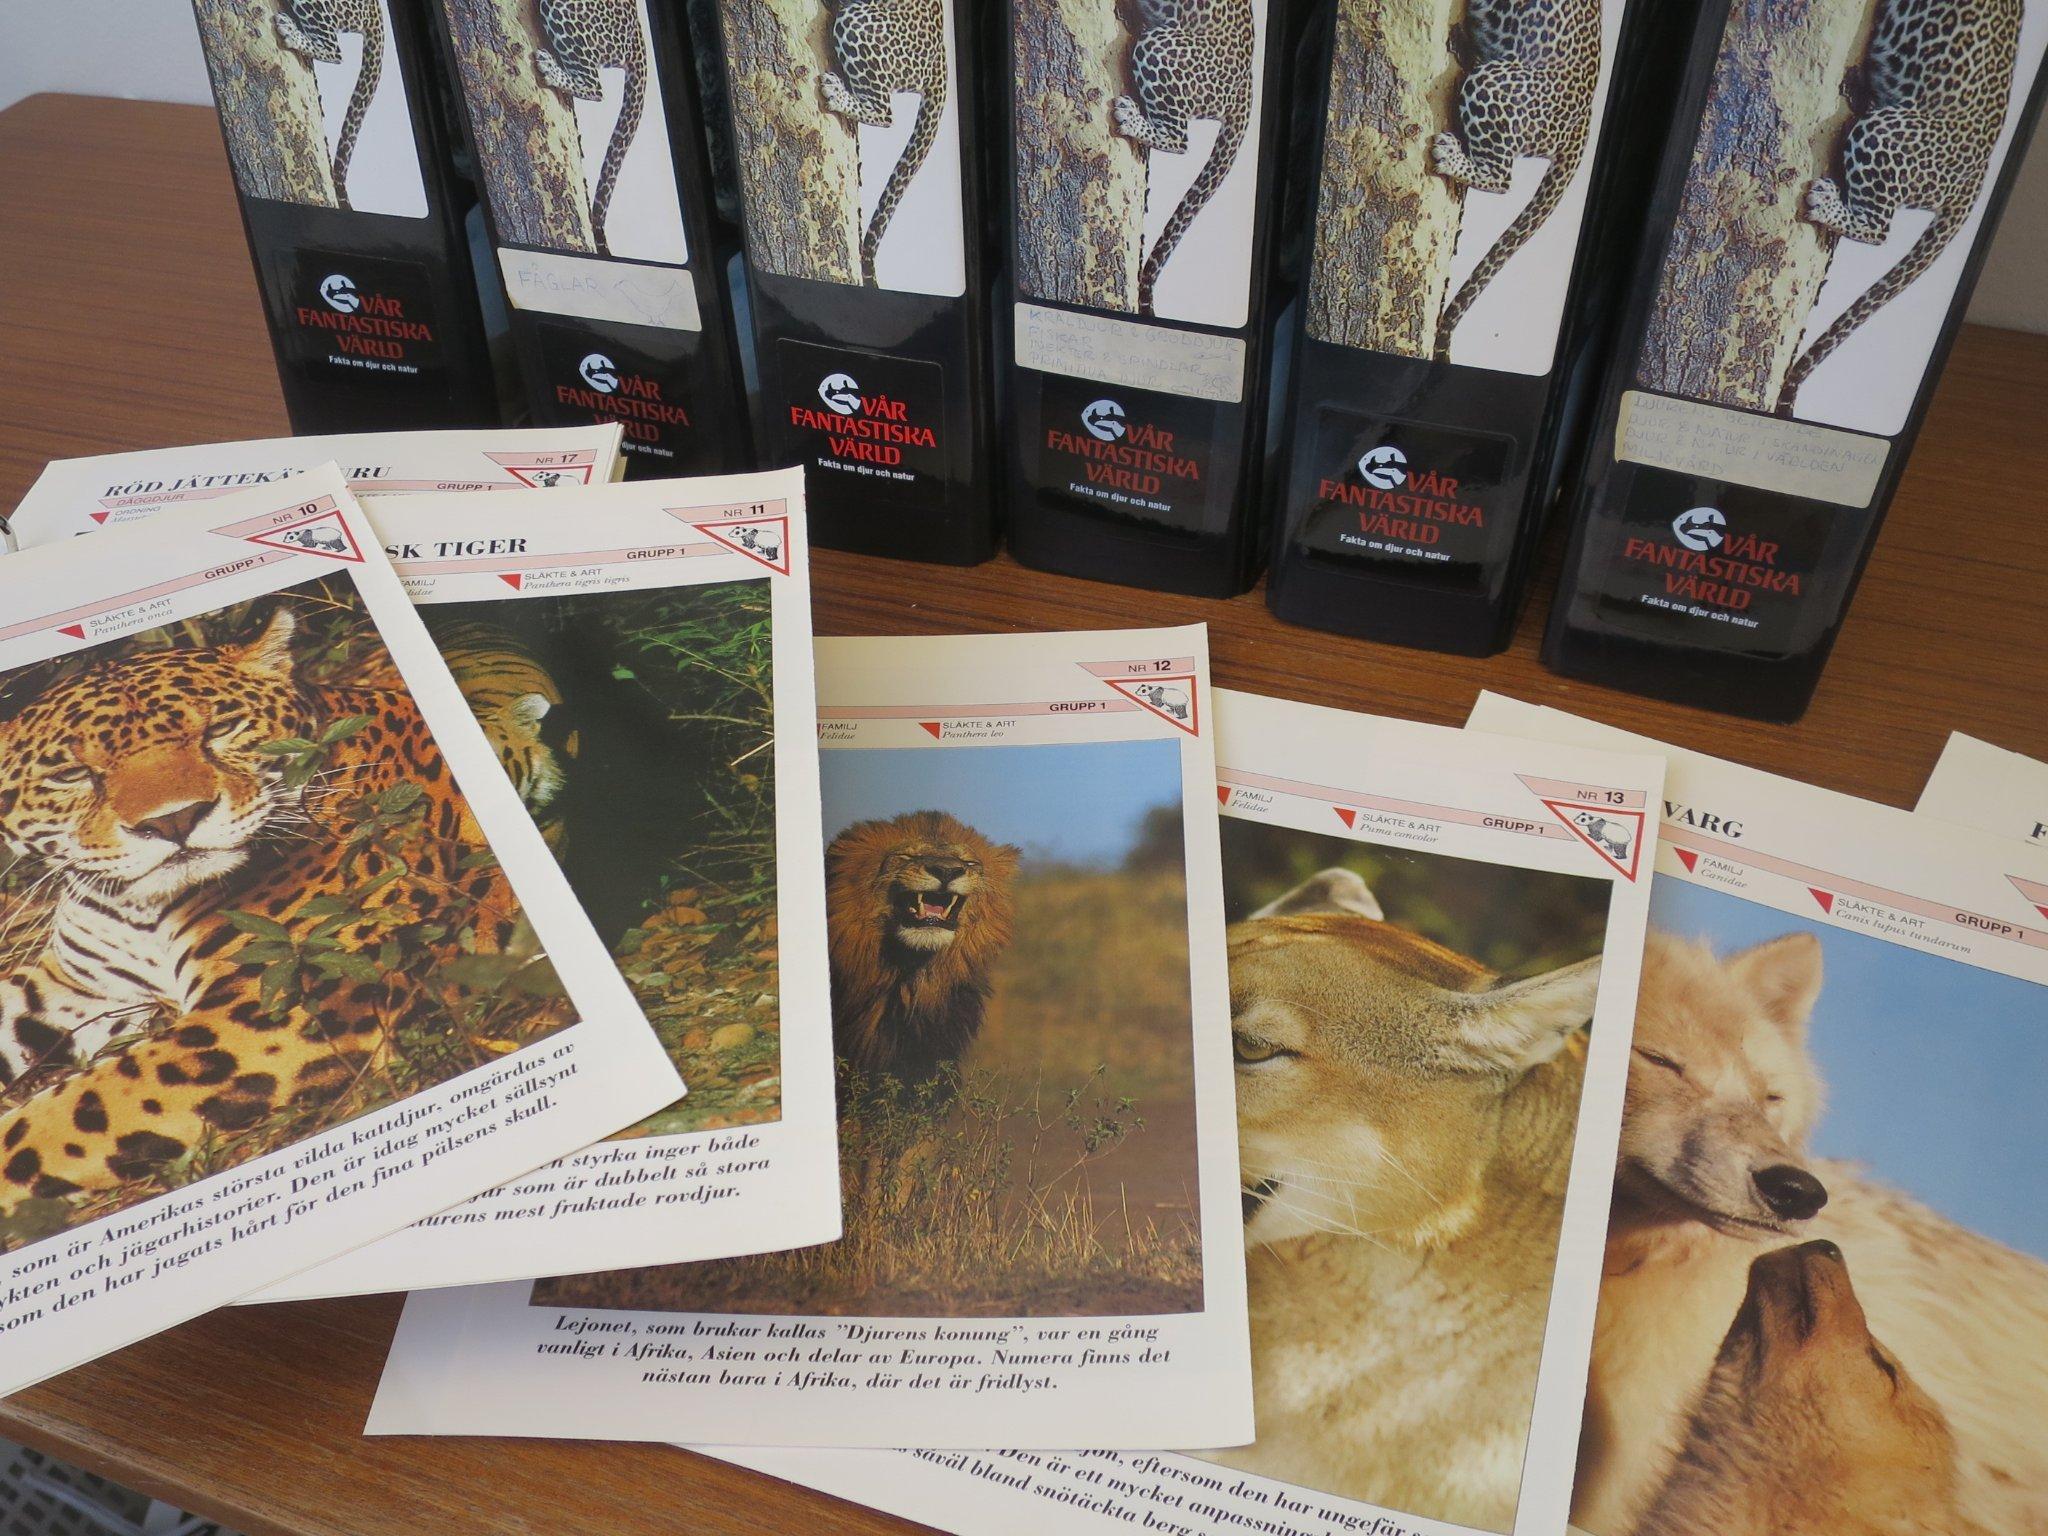 57b353dea3b4 VÅR FANTASTISKA VÄRLD - fakta om djur och natur, samlarkort, sju pärmar.